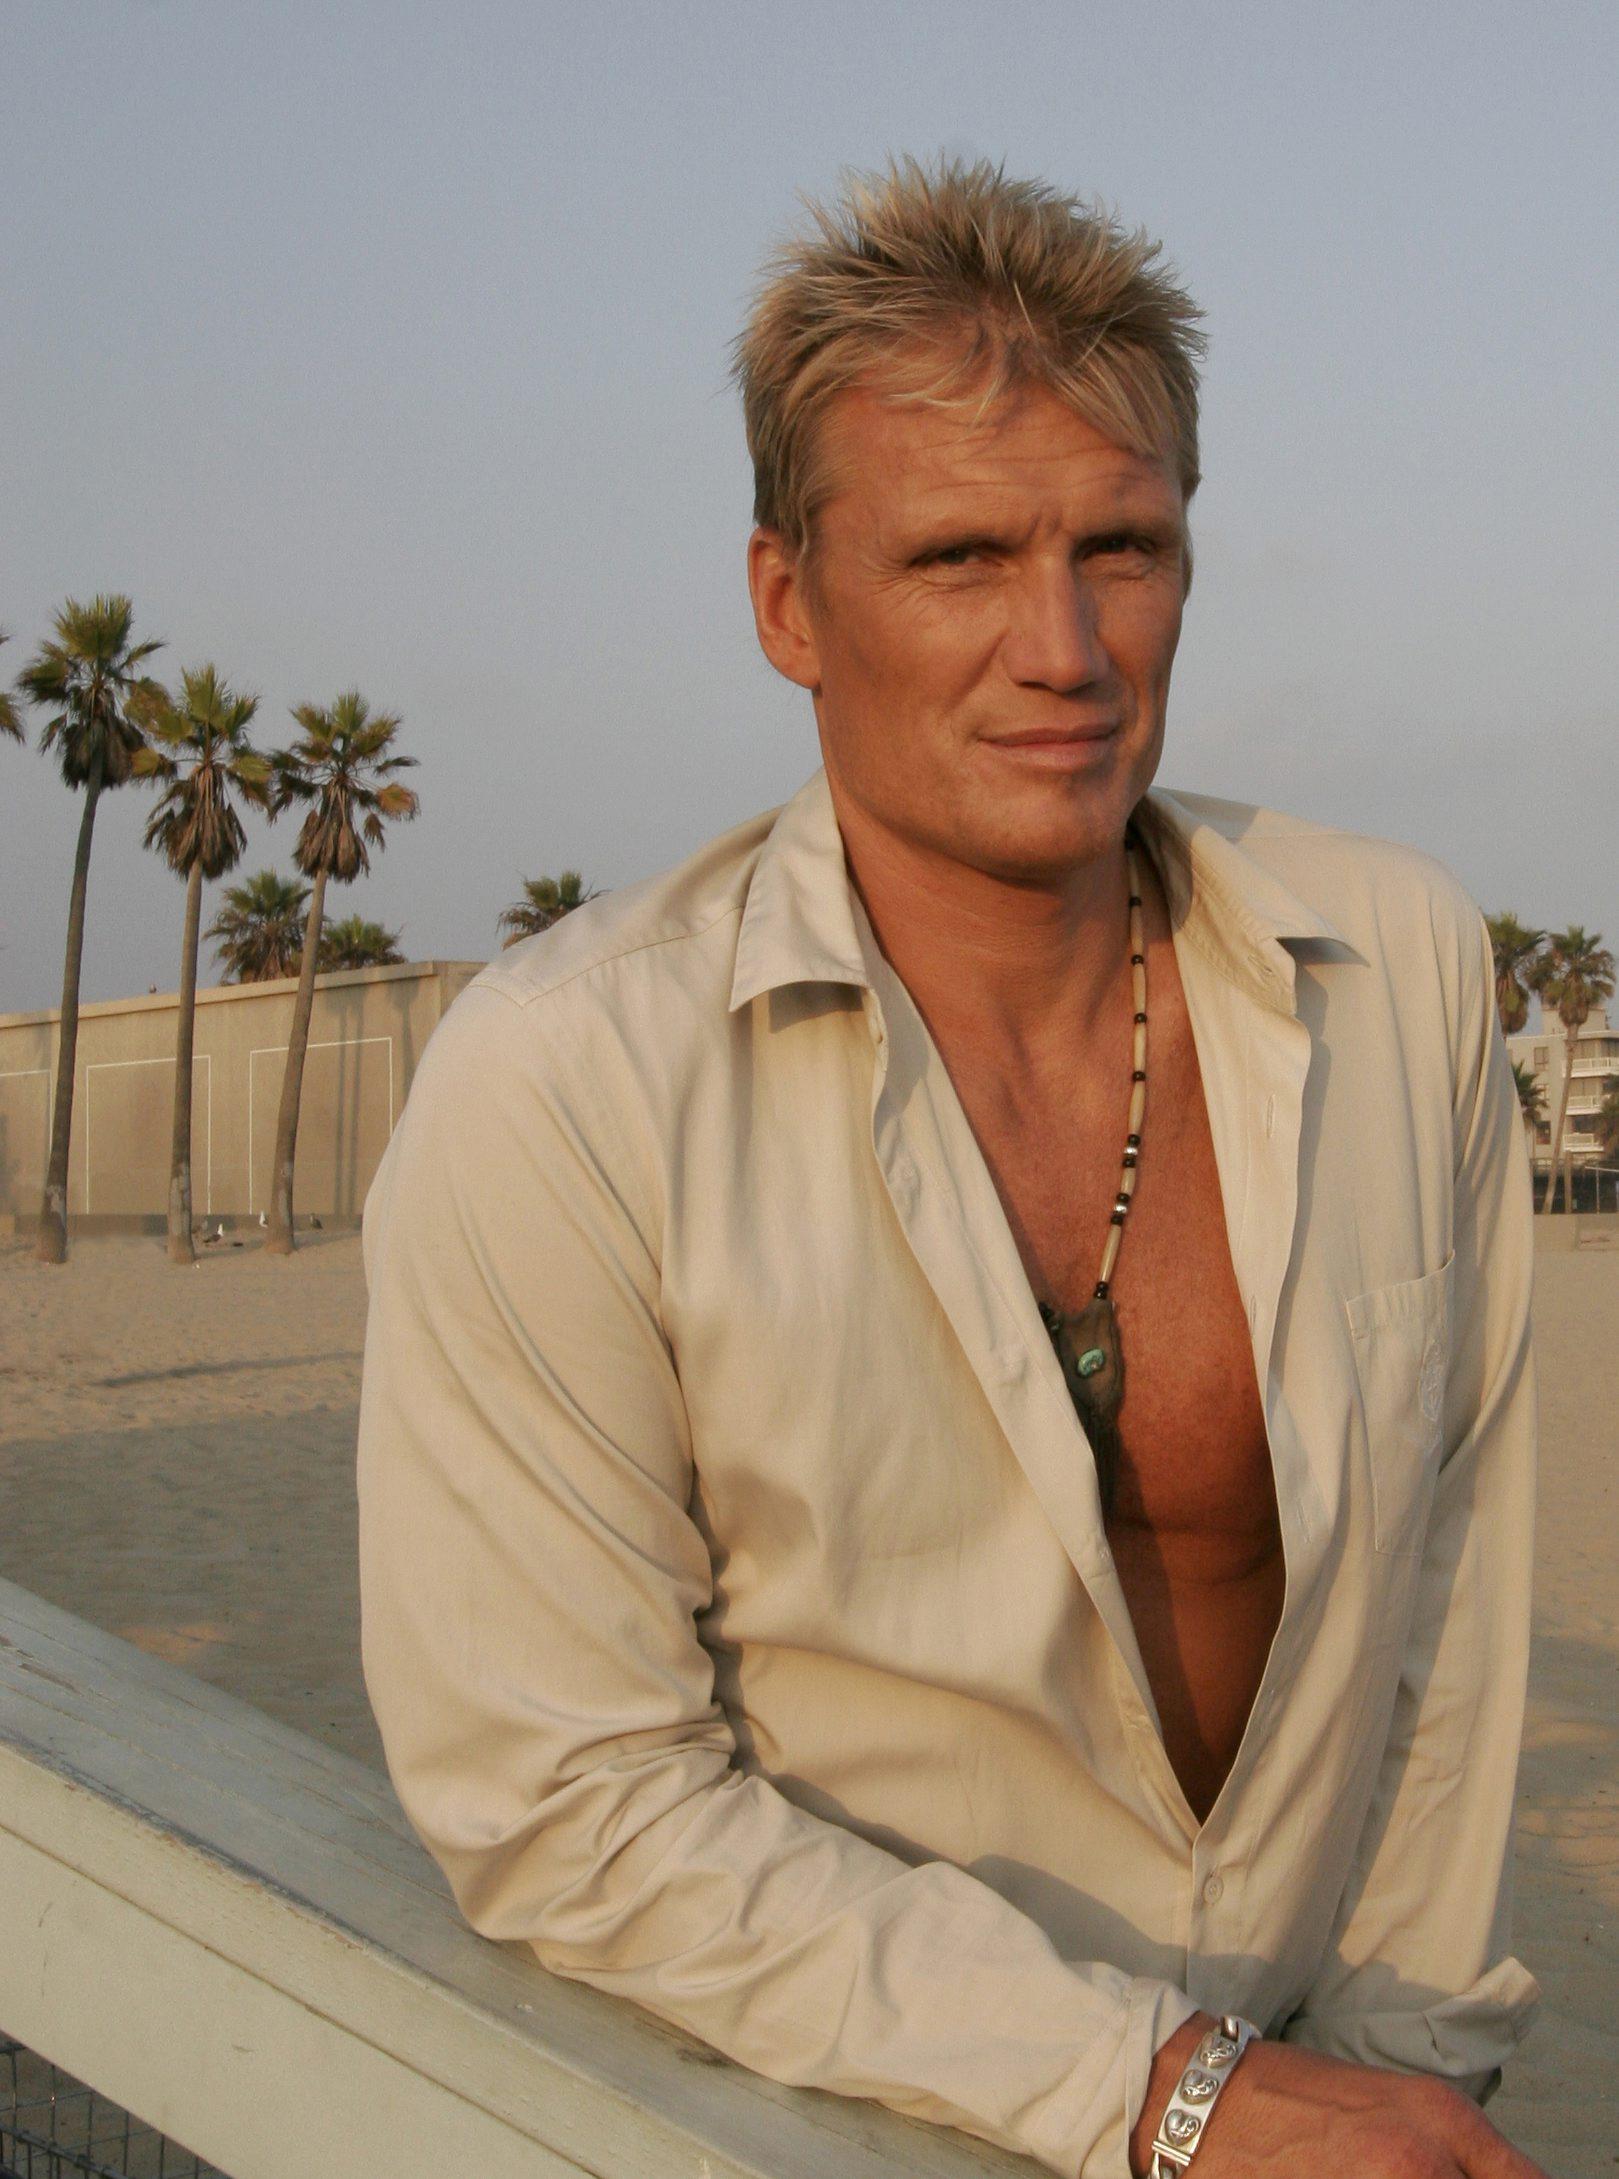 Dolph Lundgren photo 5...